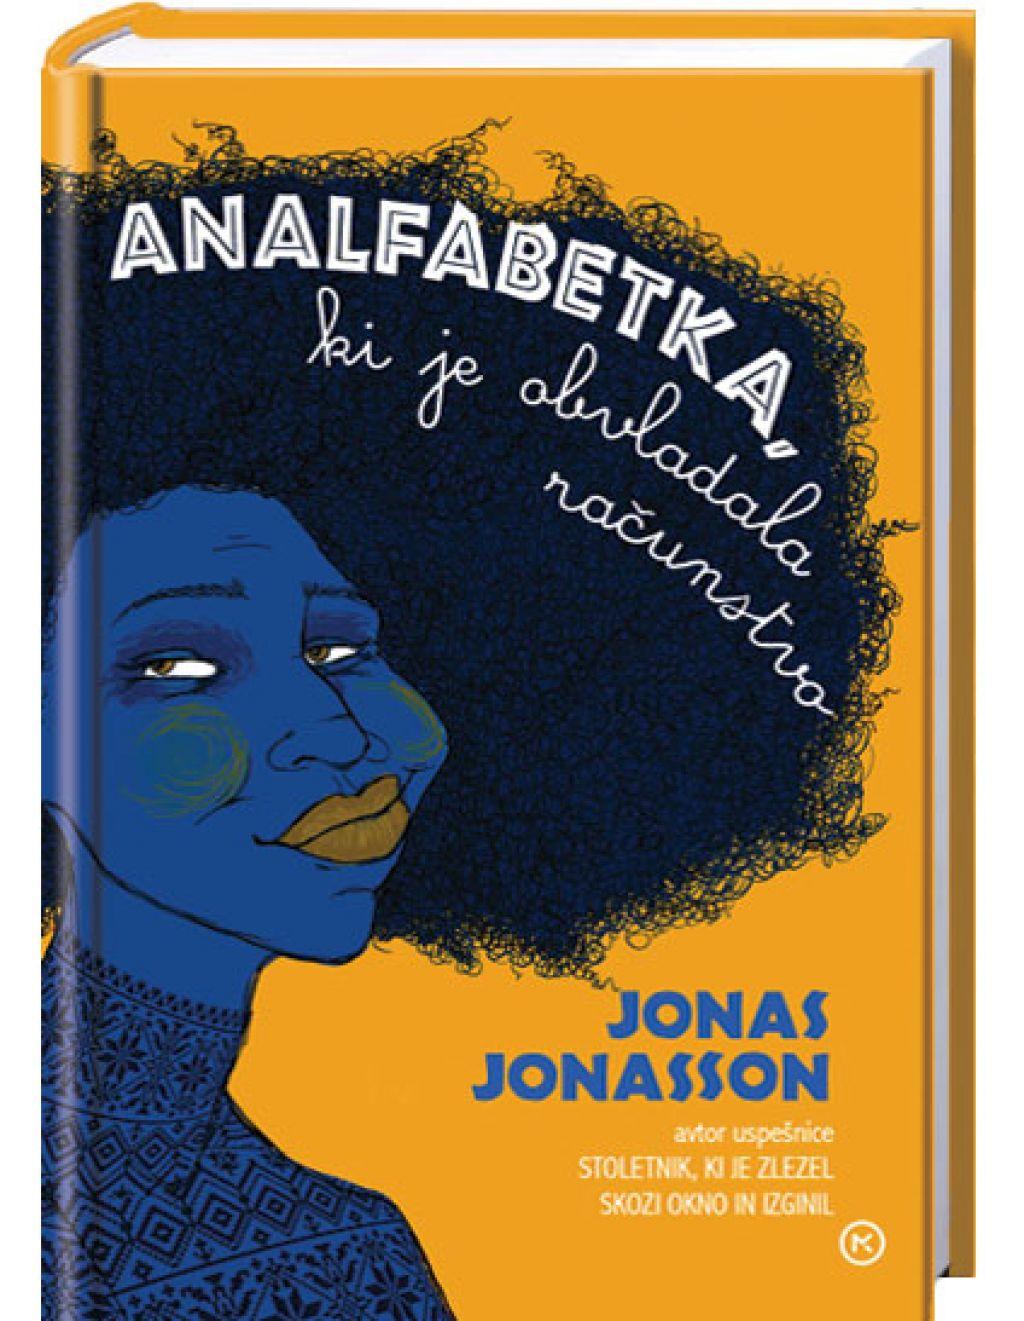 Knjiga tedna: Analfabetka, ki je obvladala računstvo